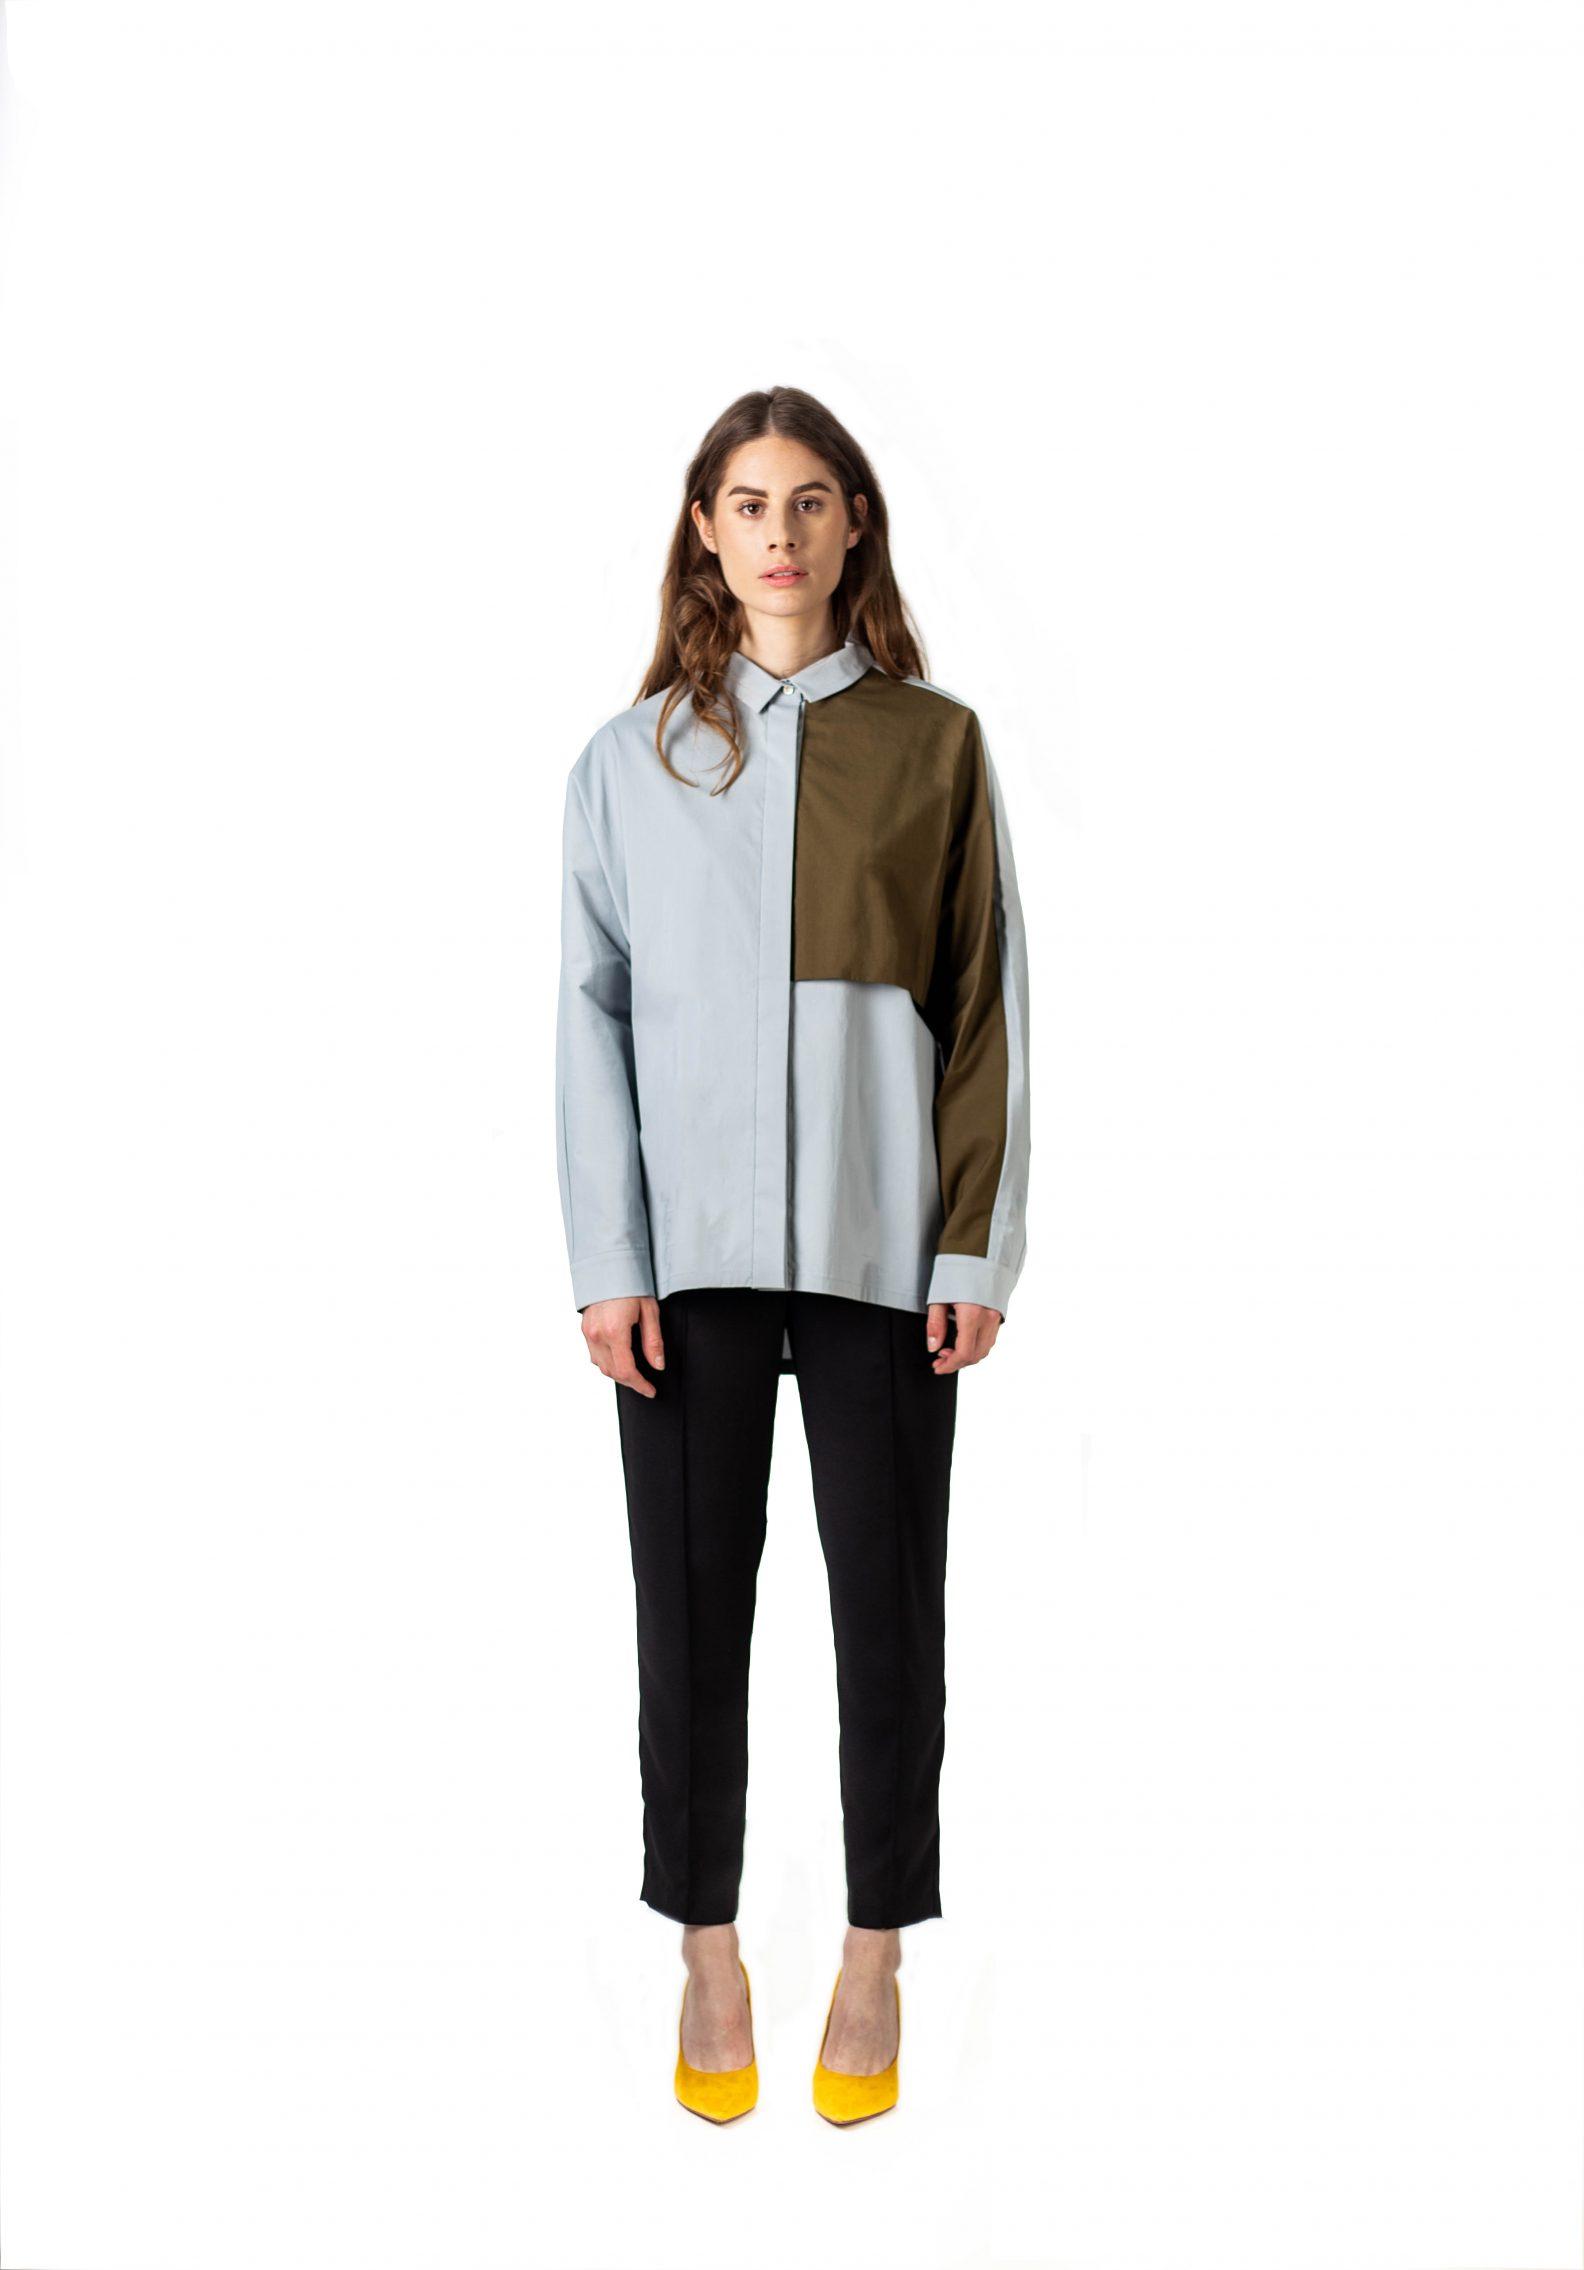 Chemise asymétrique oversize - Oversized asymmetric shirt-1-chemise-unisexe-affaires-etrangeres-paris-kpop-besides-kimchi